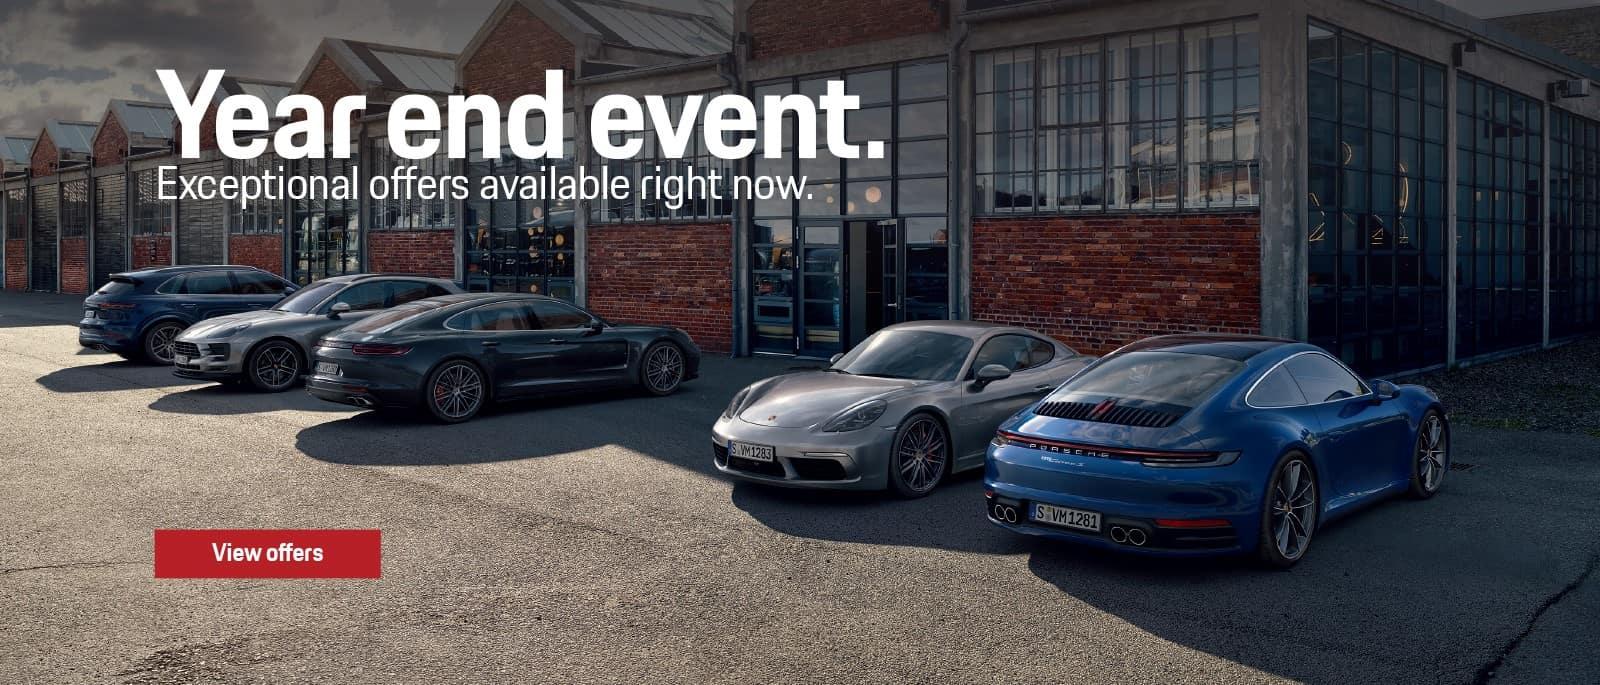 Porsche 2020 Year End Event